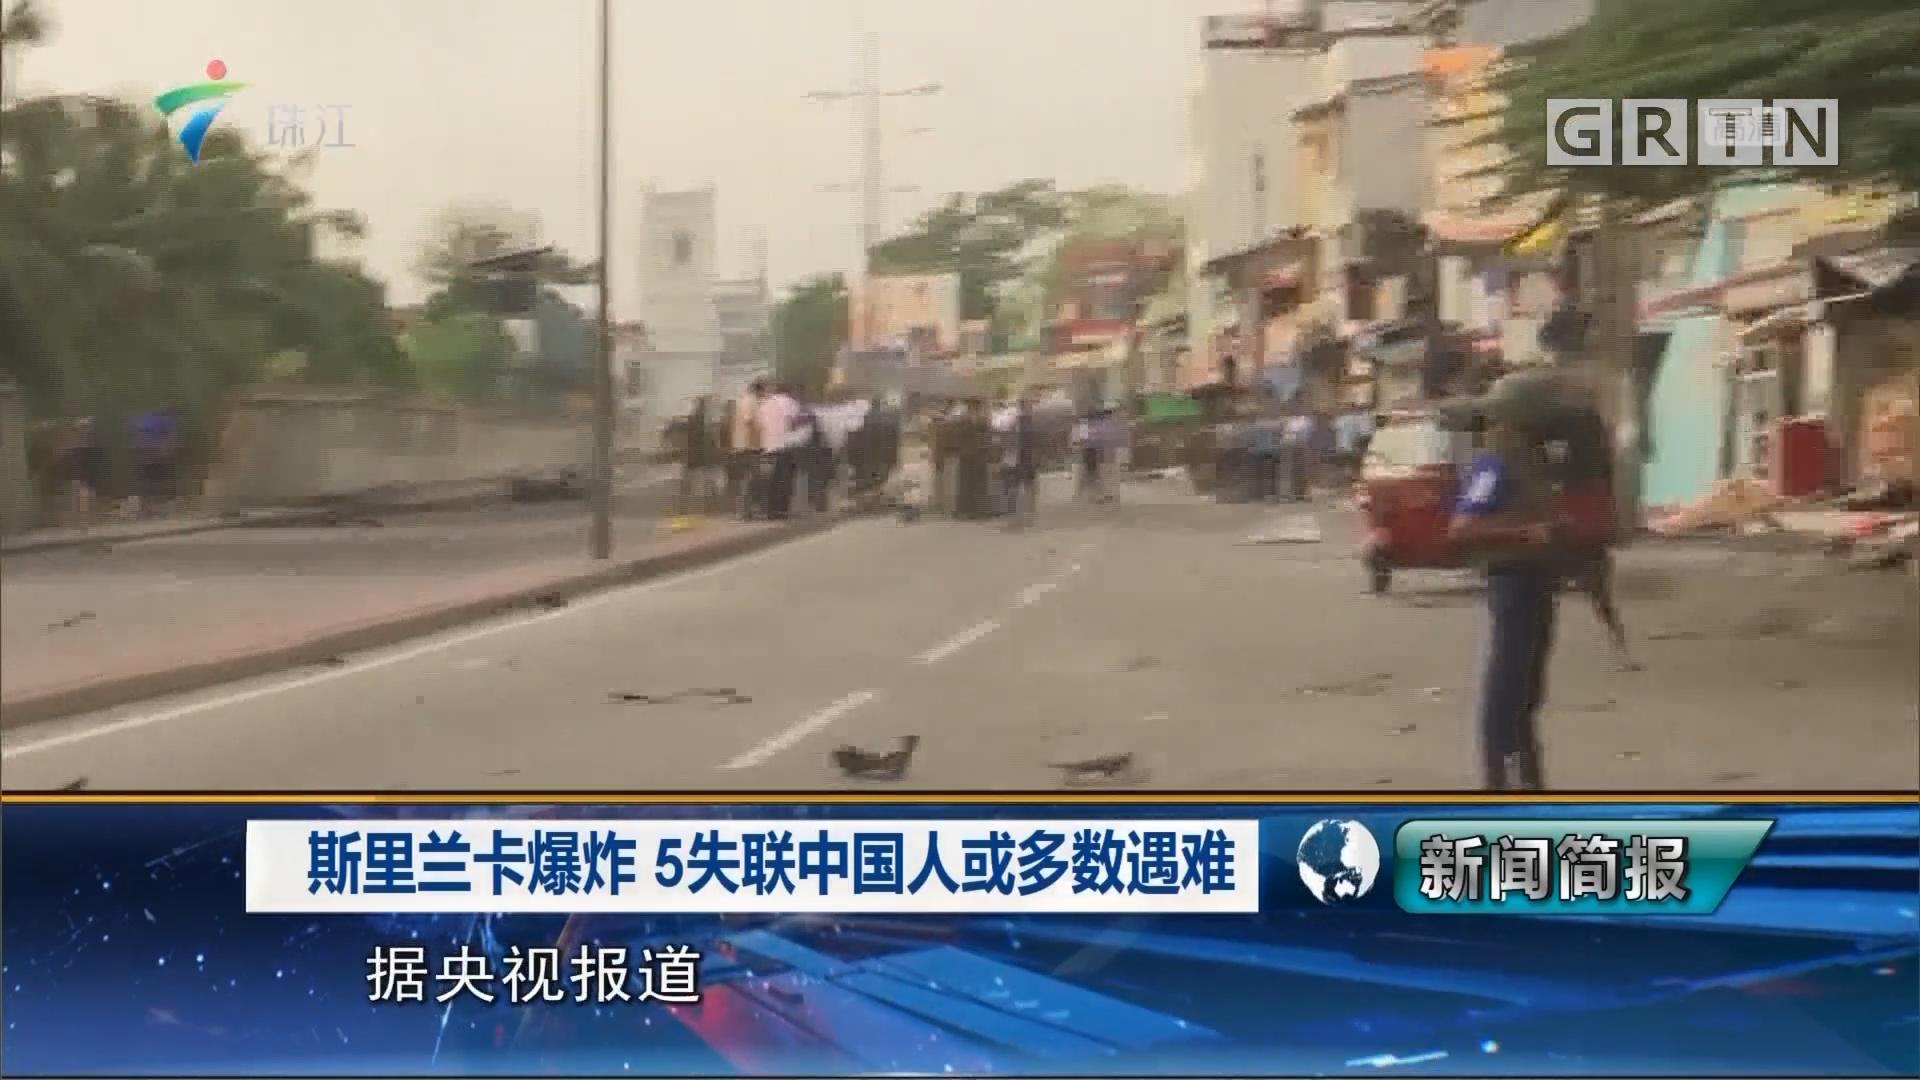 斯里兰卡爆炸 5失联中国人或多数遇难